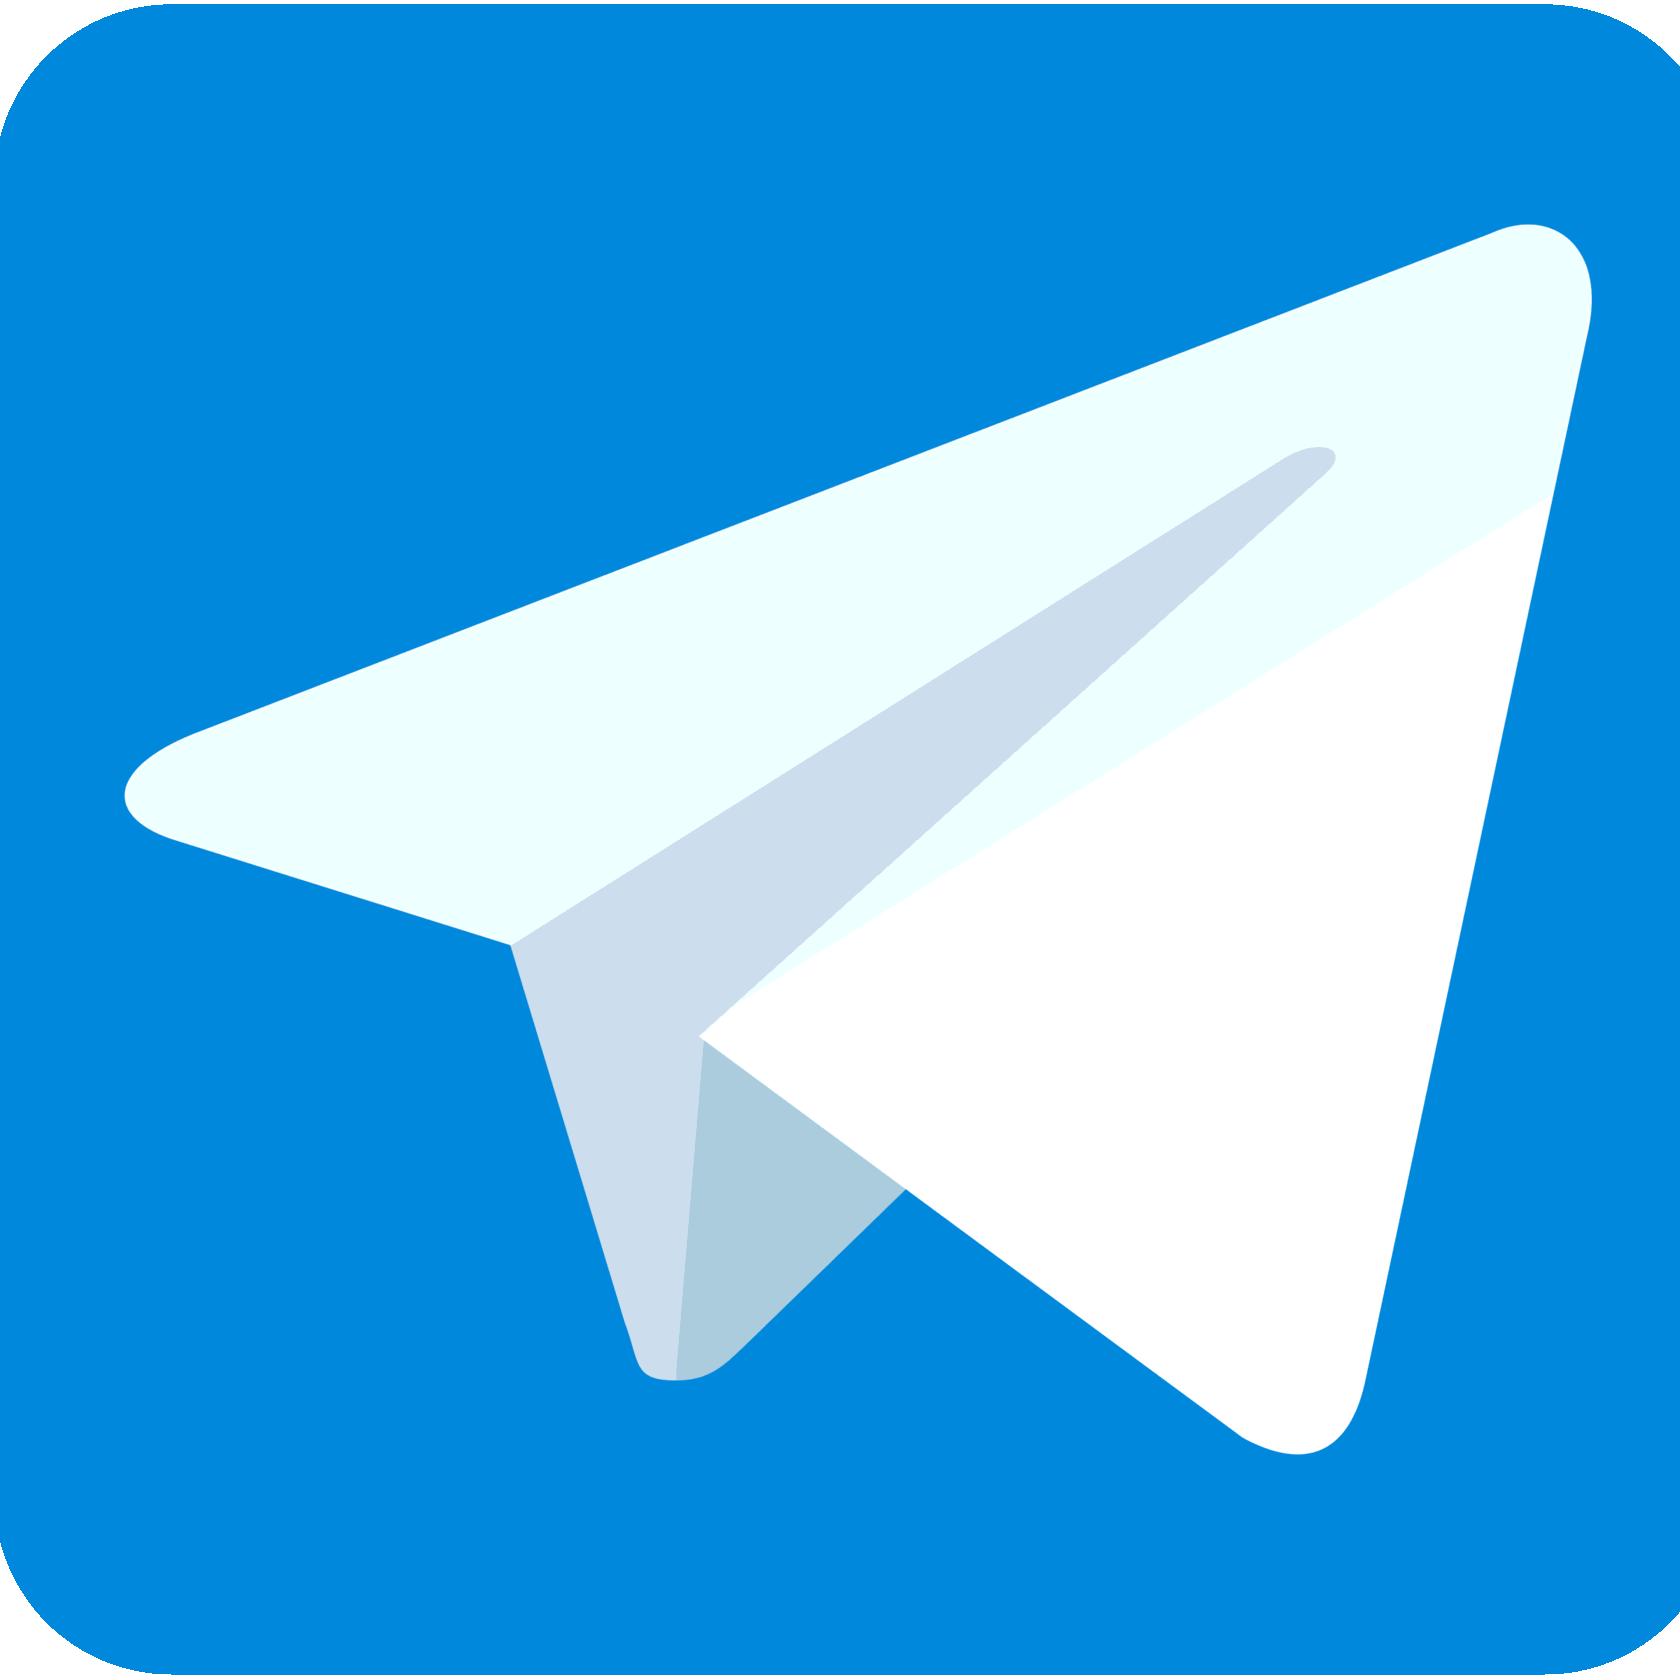 Telegram. Venorto